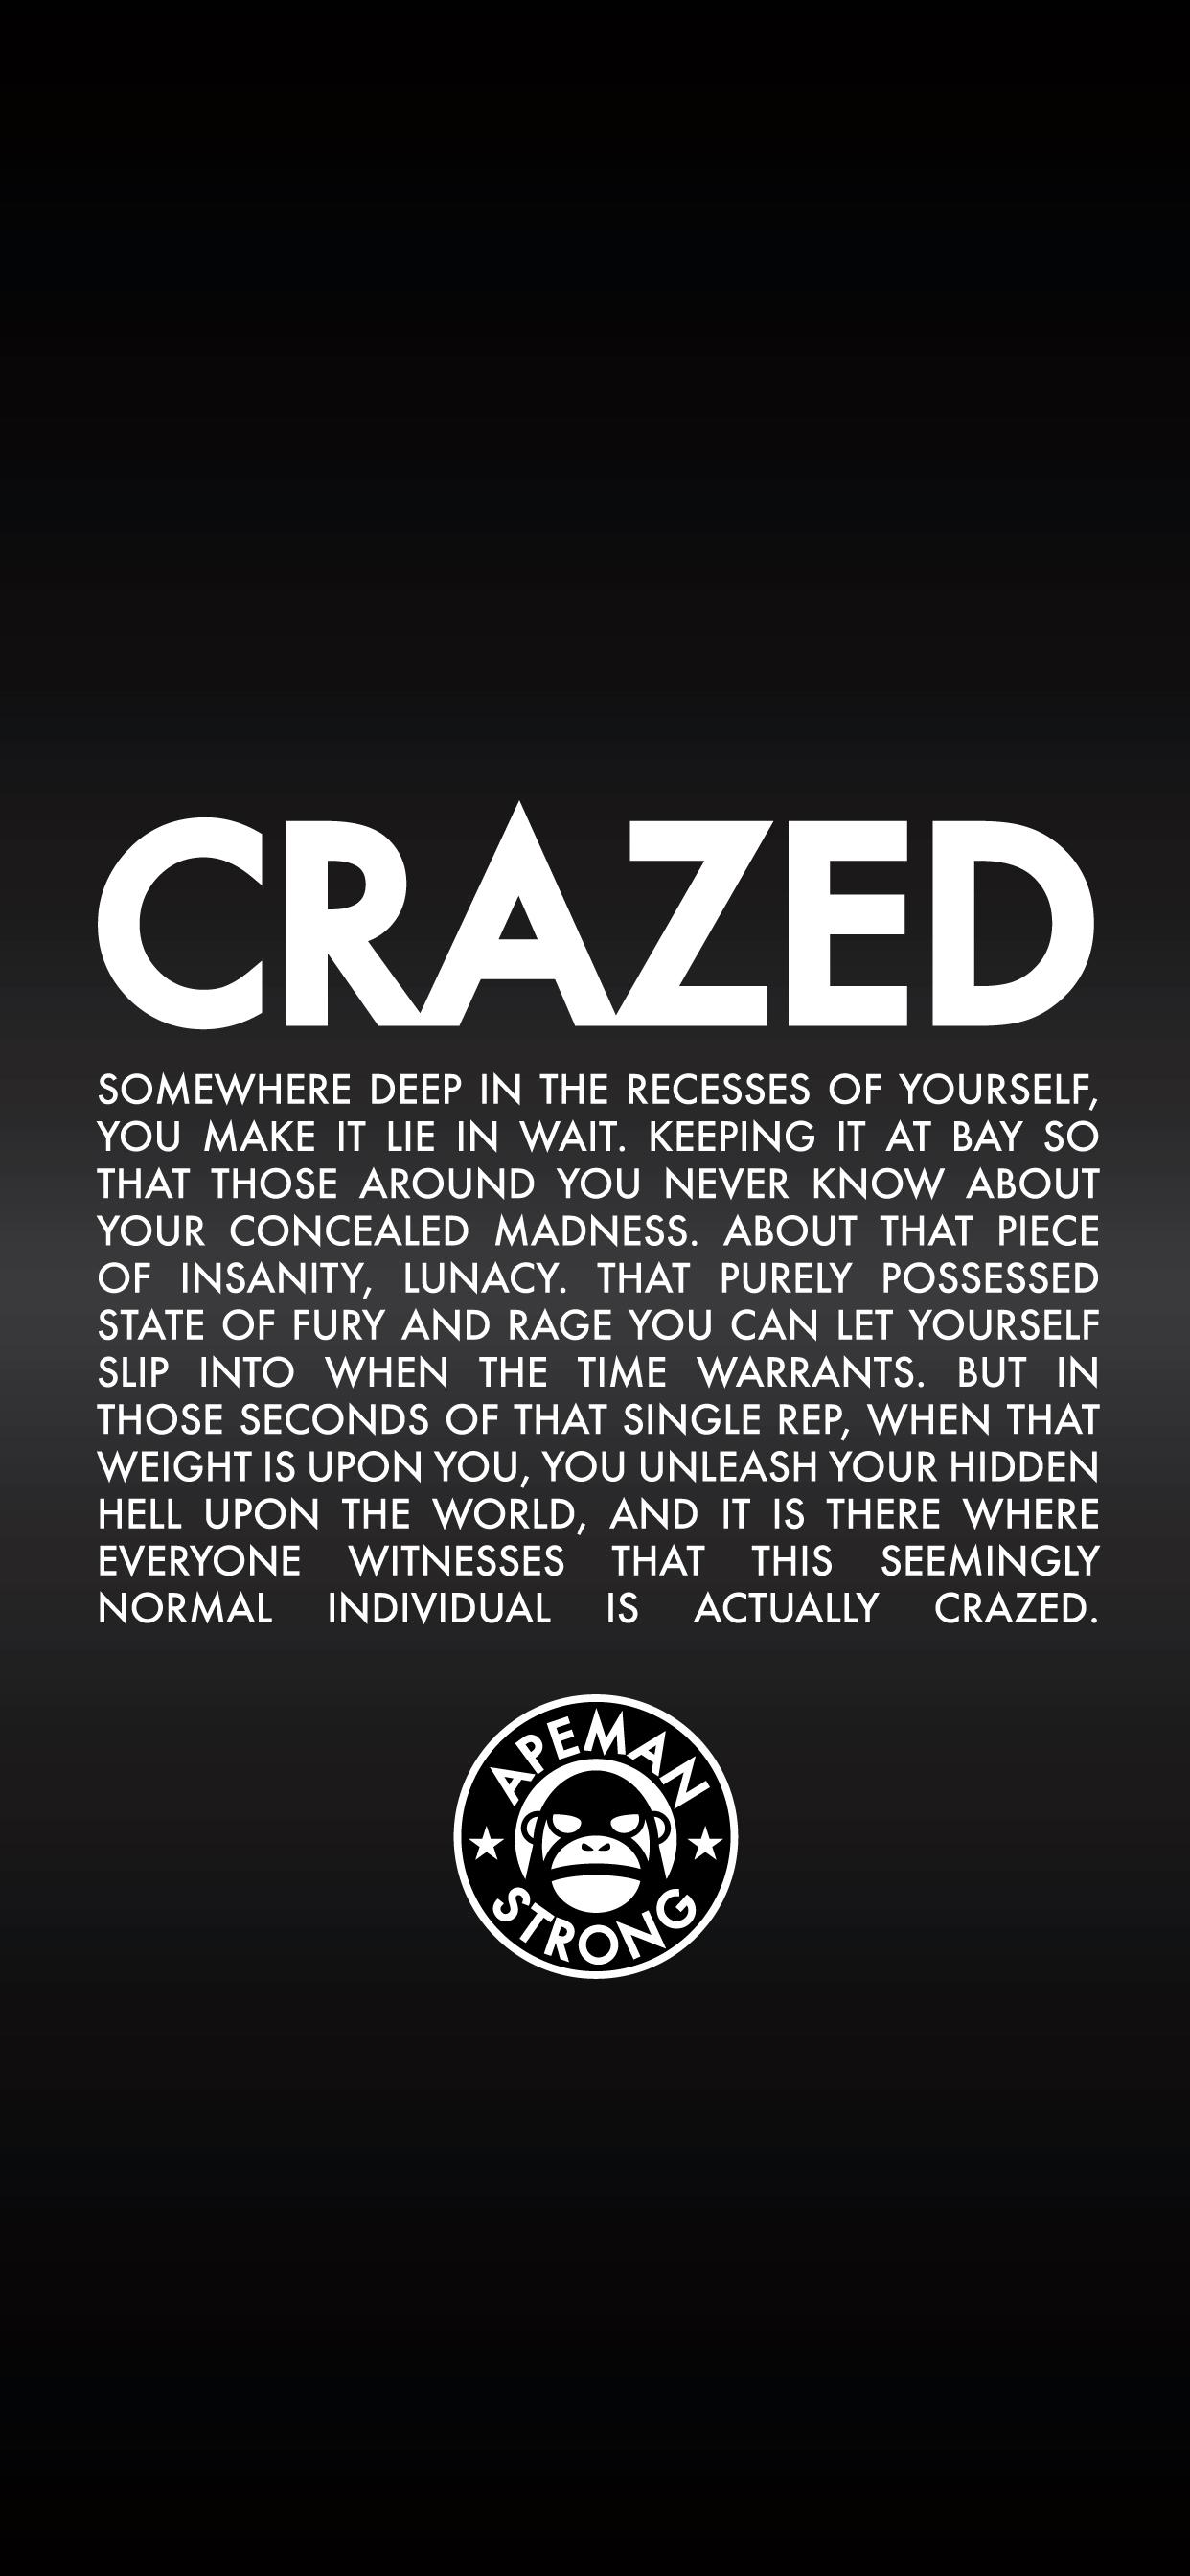 CRAZED.jpg